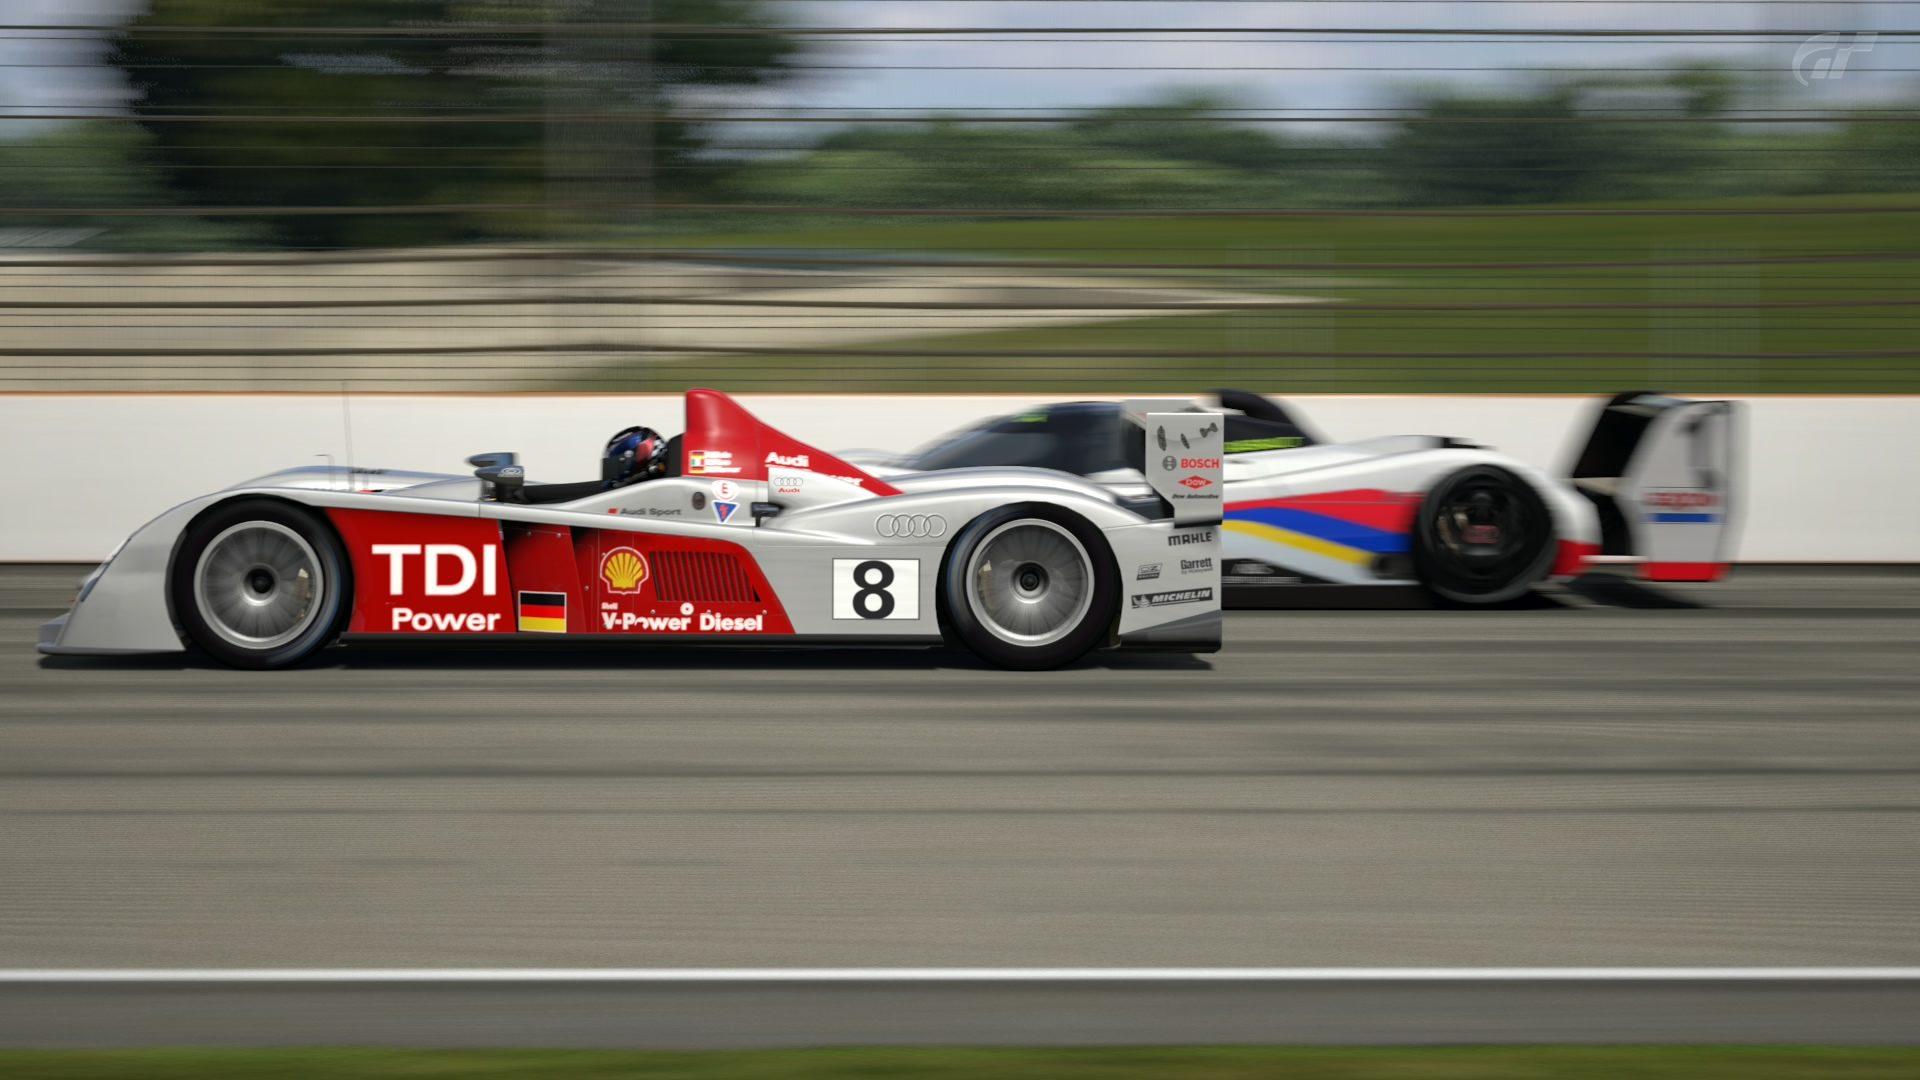 Superspeedway - Indy_1.jpg